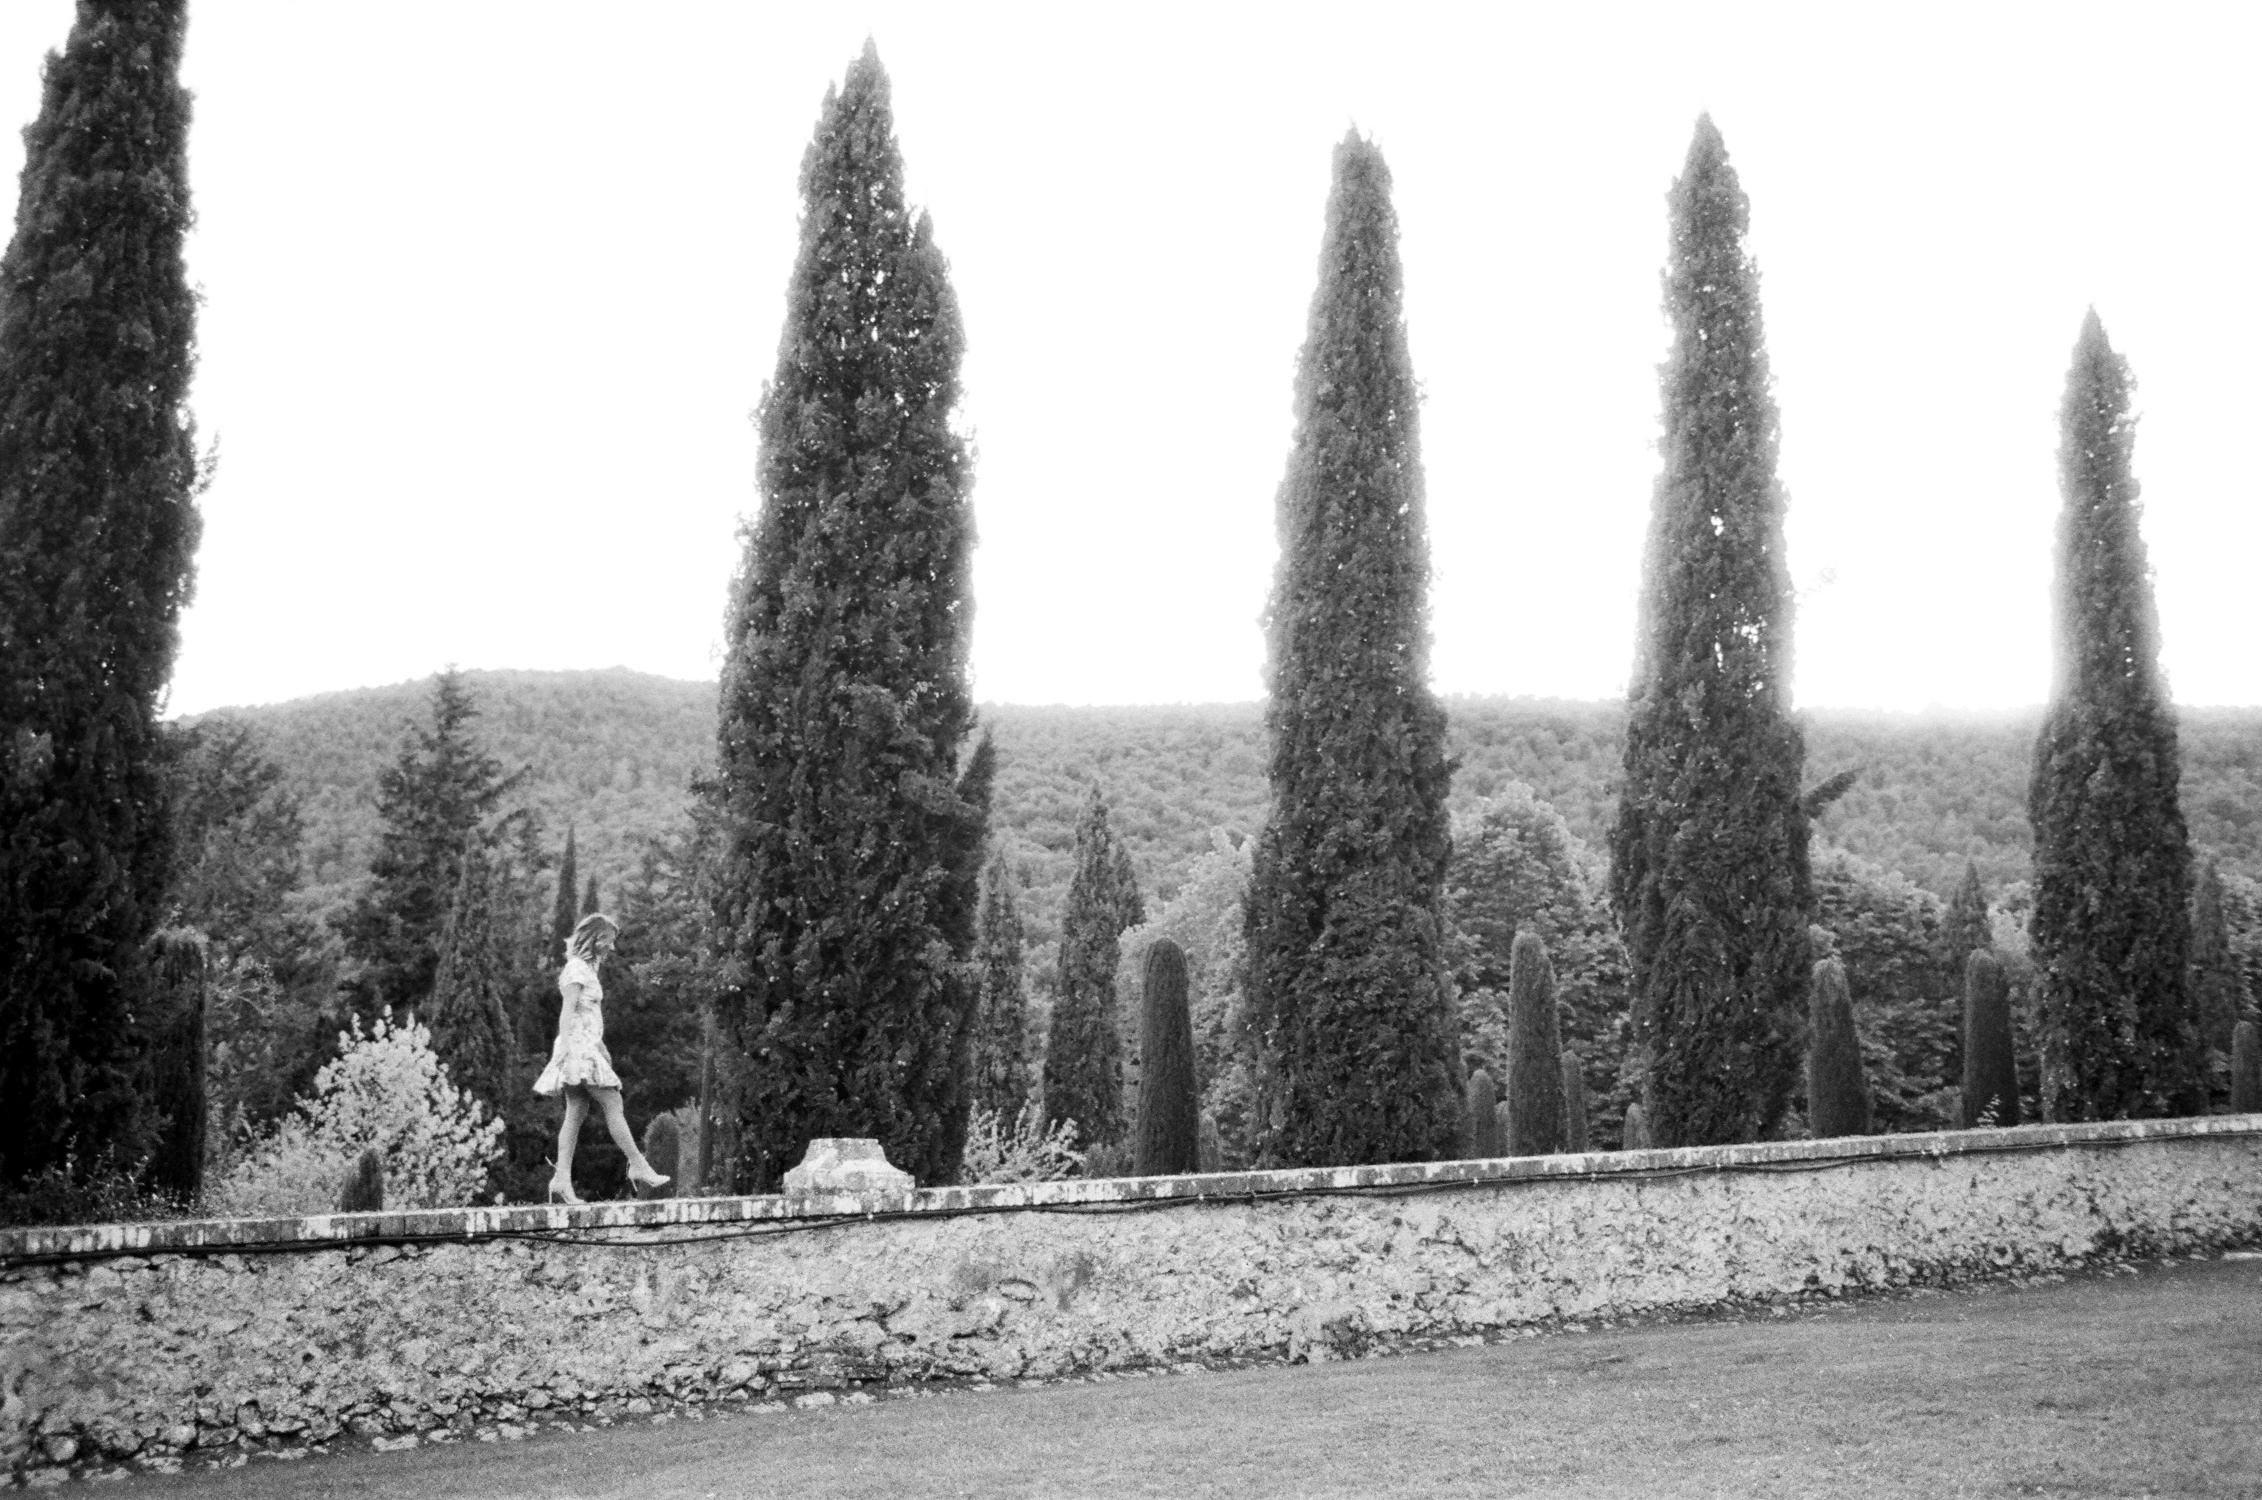 villa-cetinale-engagement-23.jpg